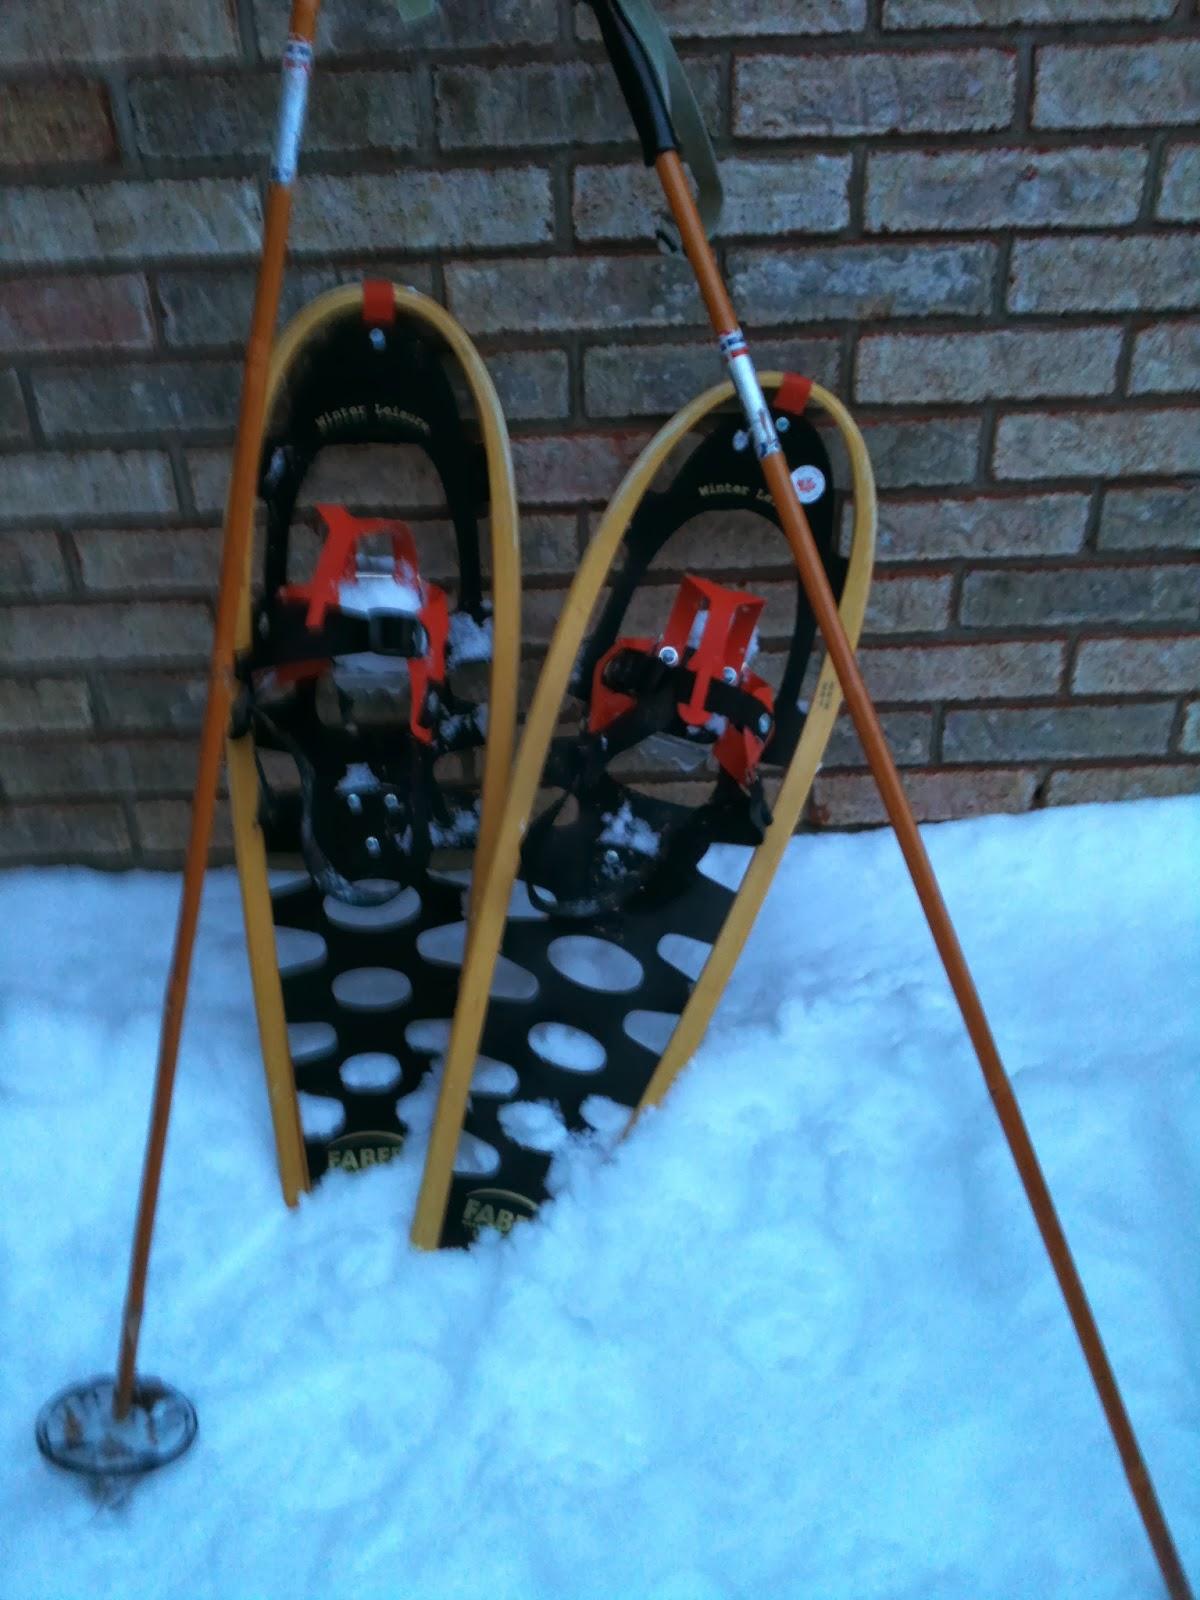 snowshoes, ski poles